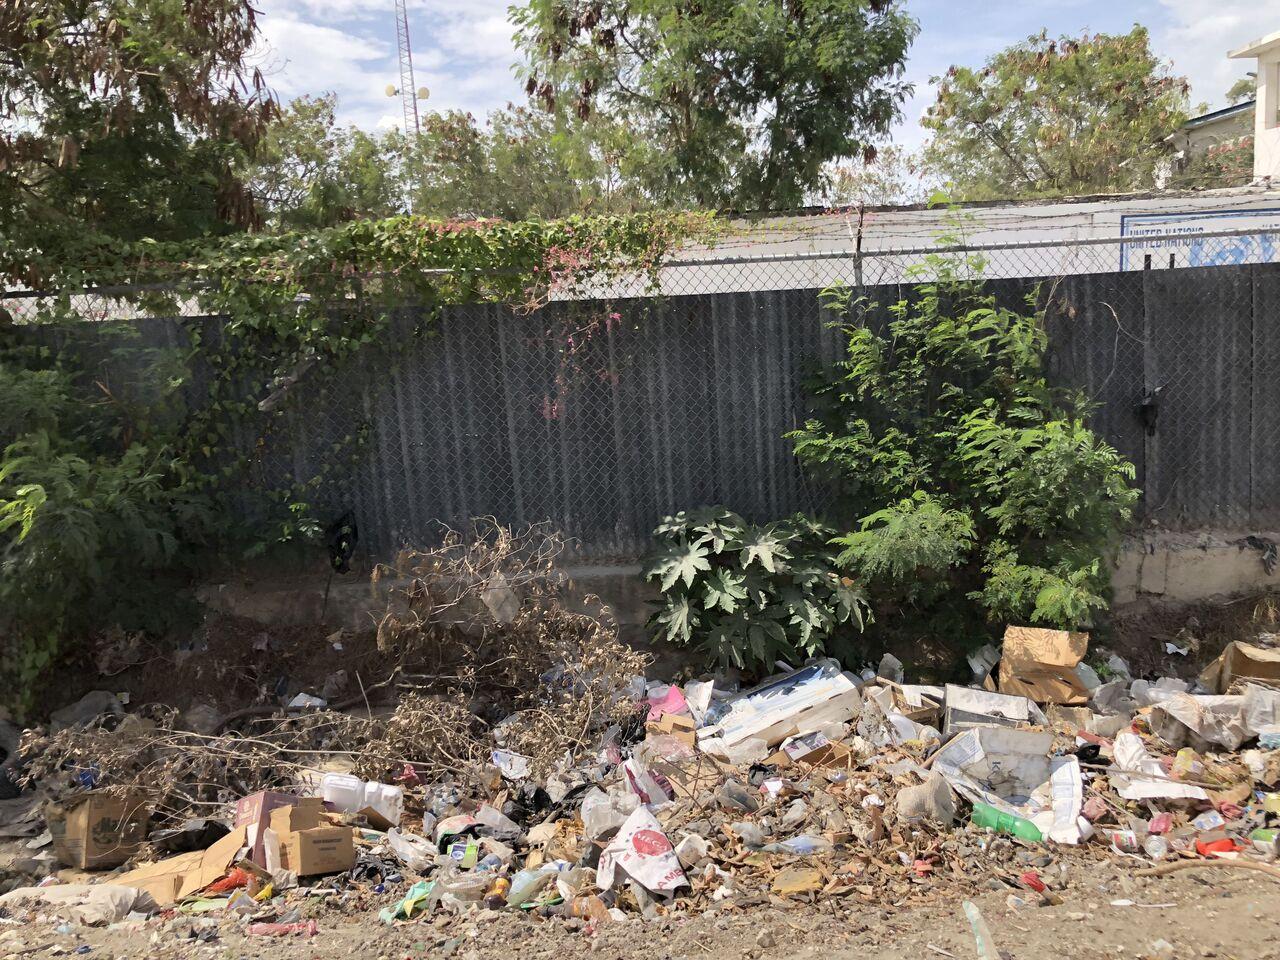 Imagem flagrada pelo médico durante visita ao Haiti mostra lixo espalhado pelas ruas da capital Porto Príncipe (Foto: Arquivo pessoal)